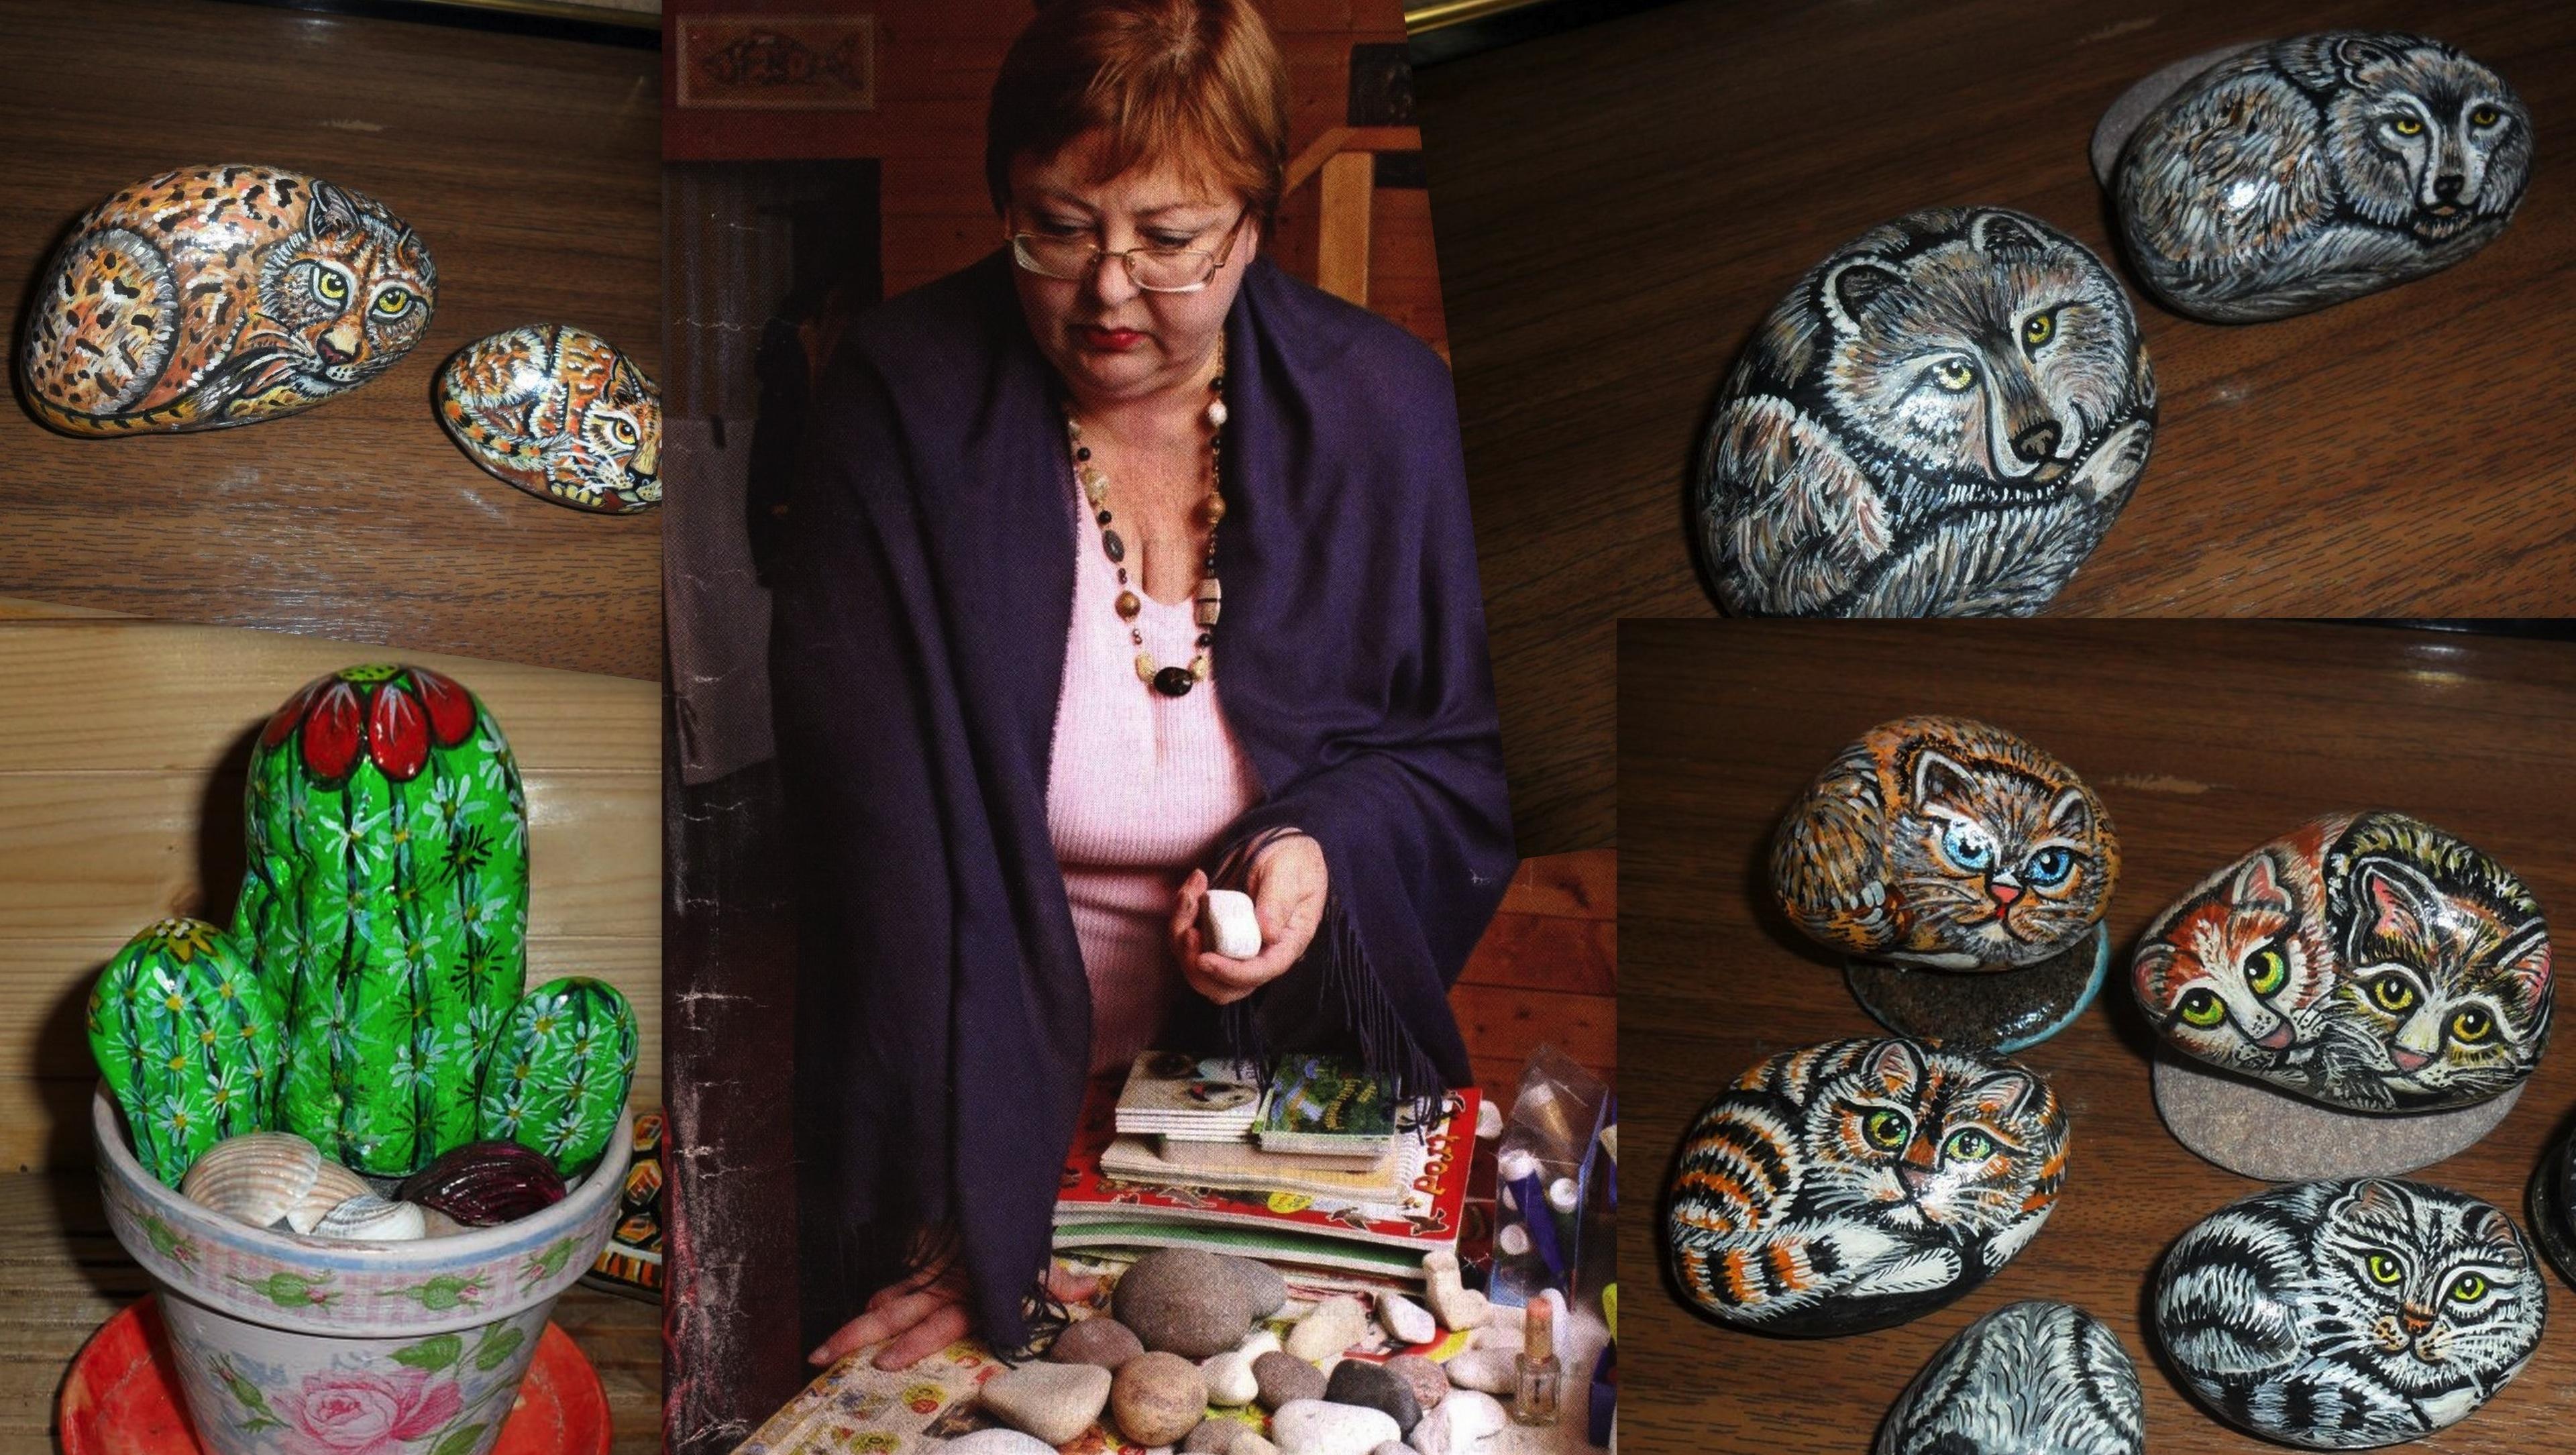 Татьяна Страутмале и её произведения искусства